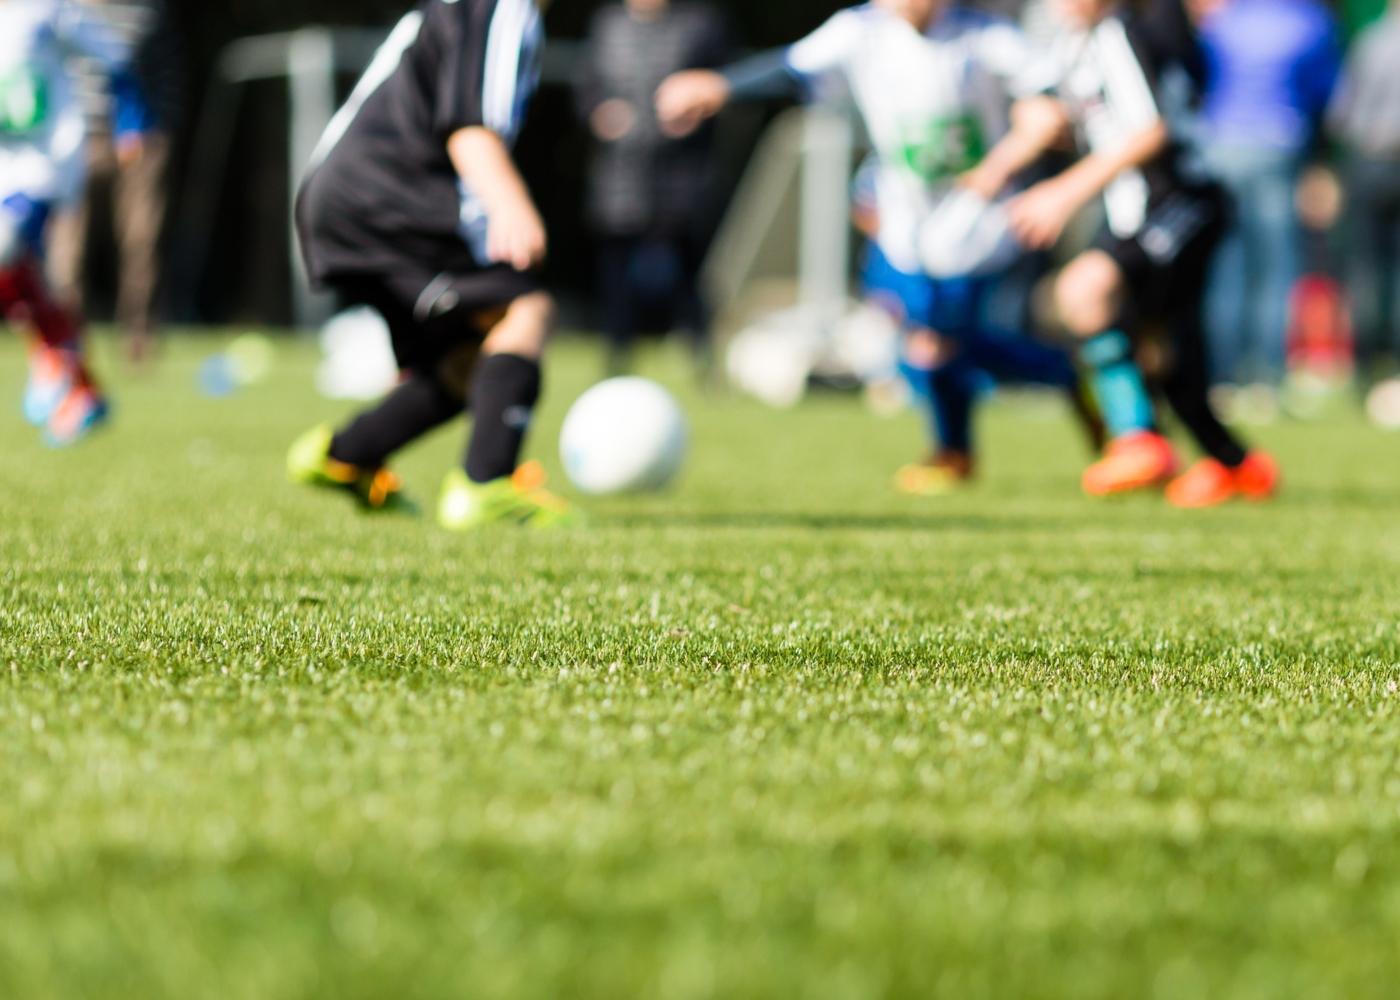 Meninos a jogar futebol